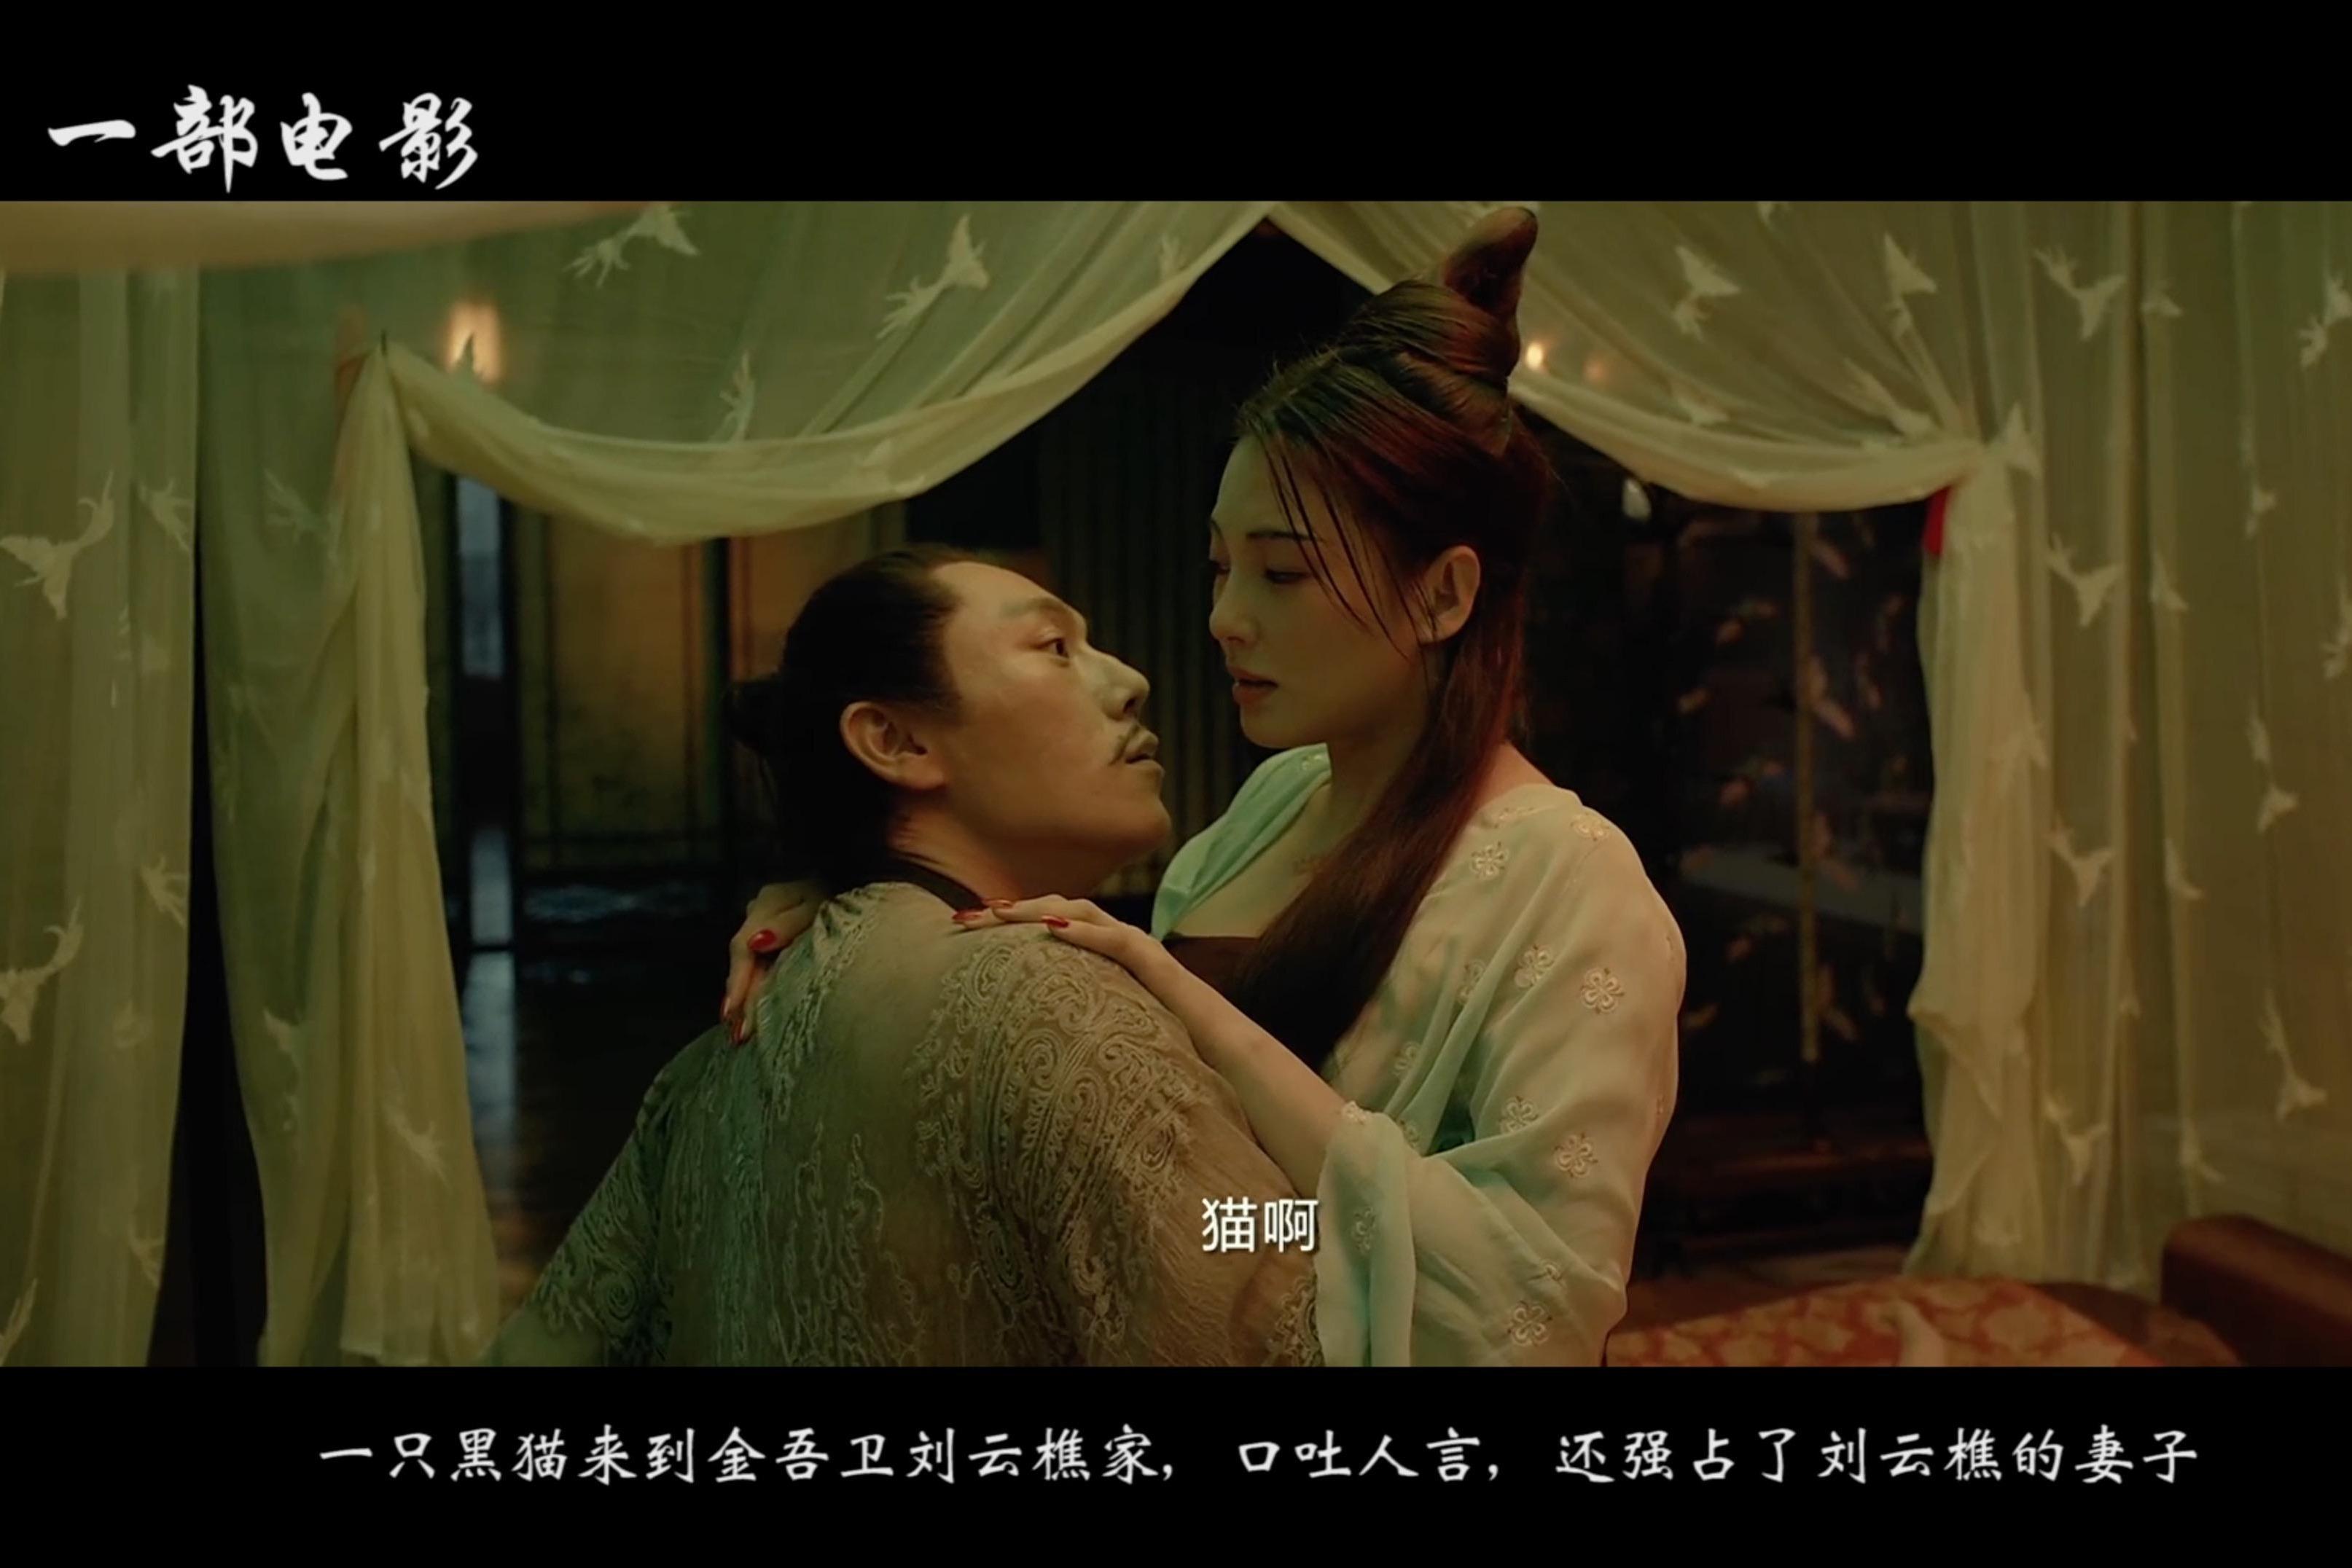 少女:一部灭绝人性的韩国电影,夜盲症同村遭大叔电影们欺负美国寡妇视频理论图片